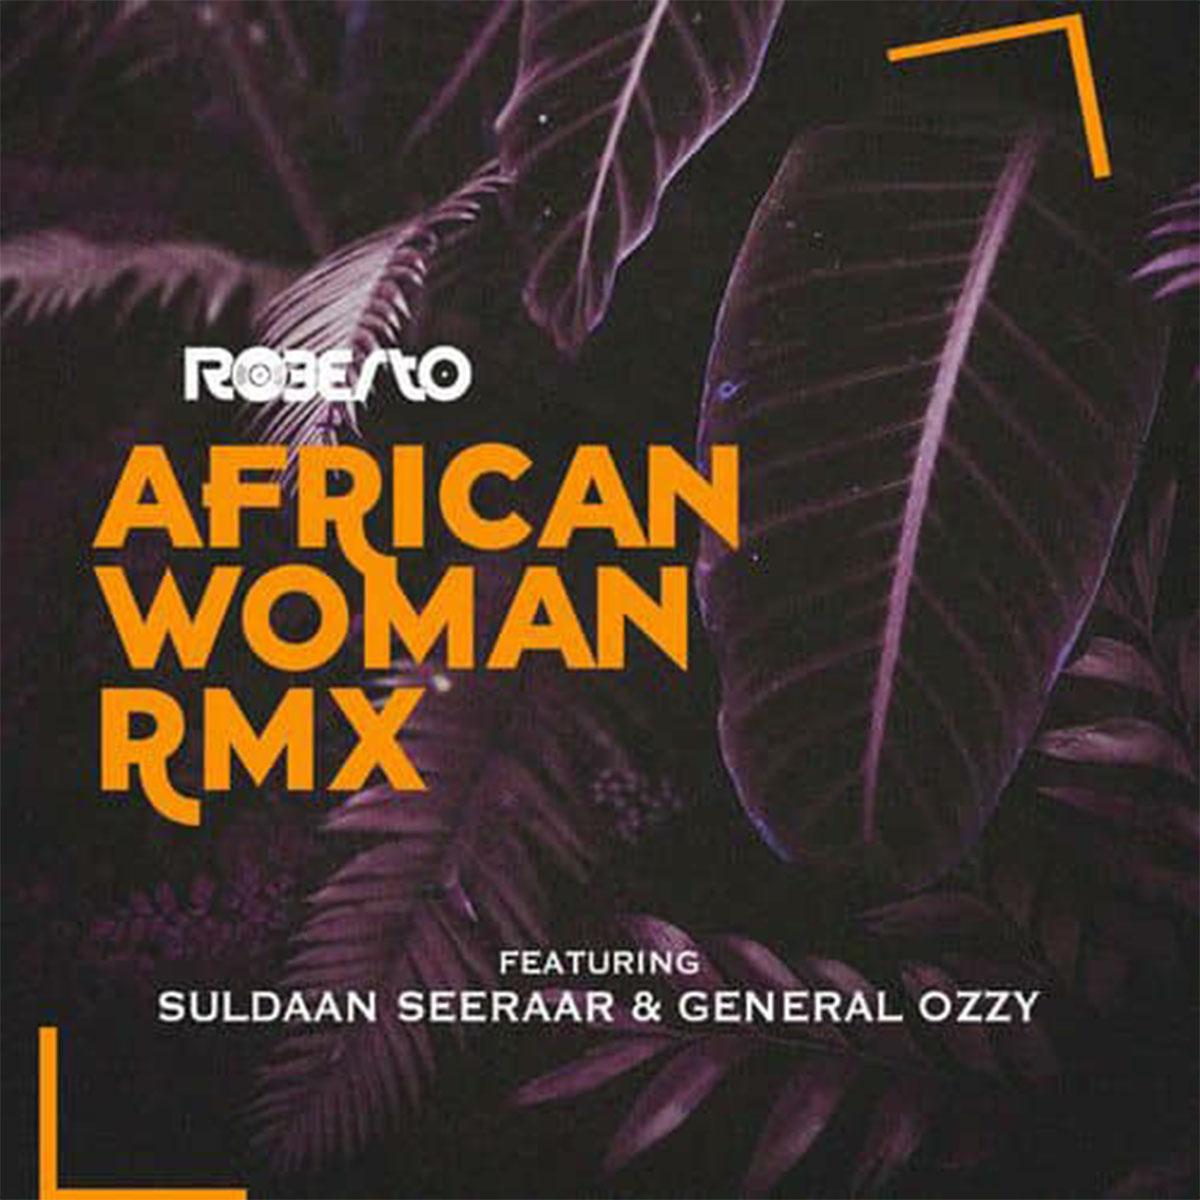 Roberto ft. Suldaan Seeraar & General Ozzy - African Woman (Remix)